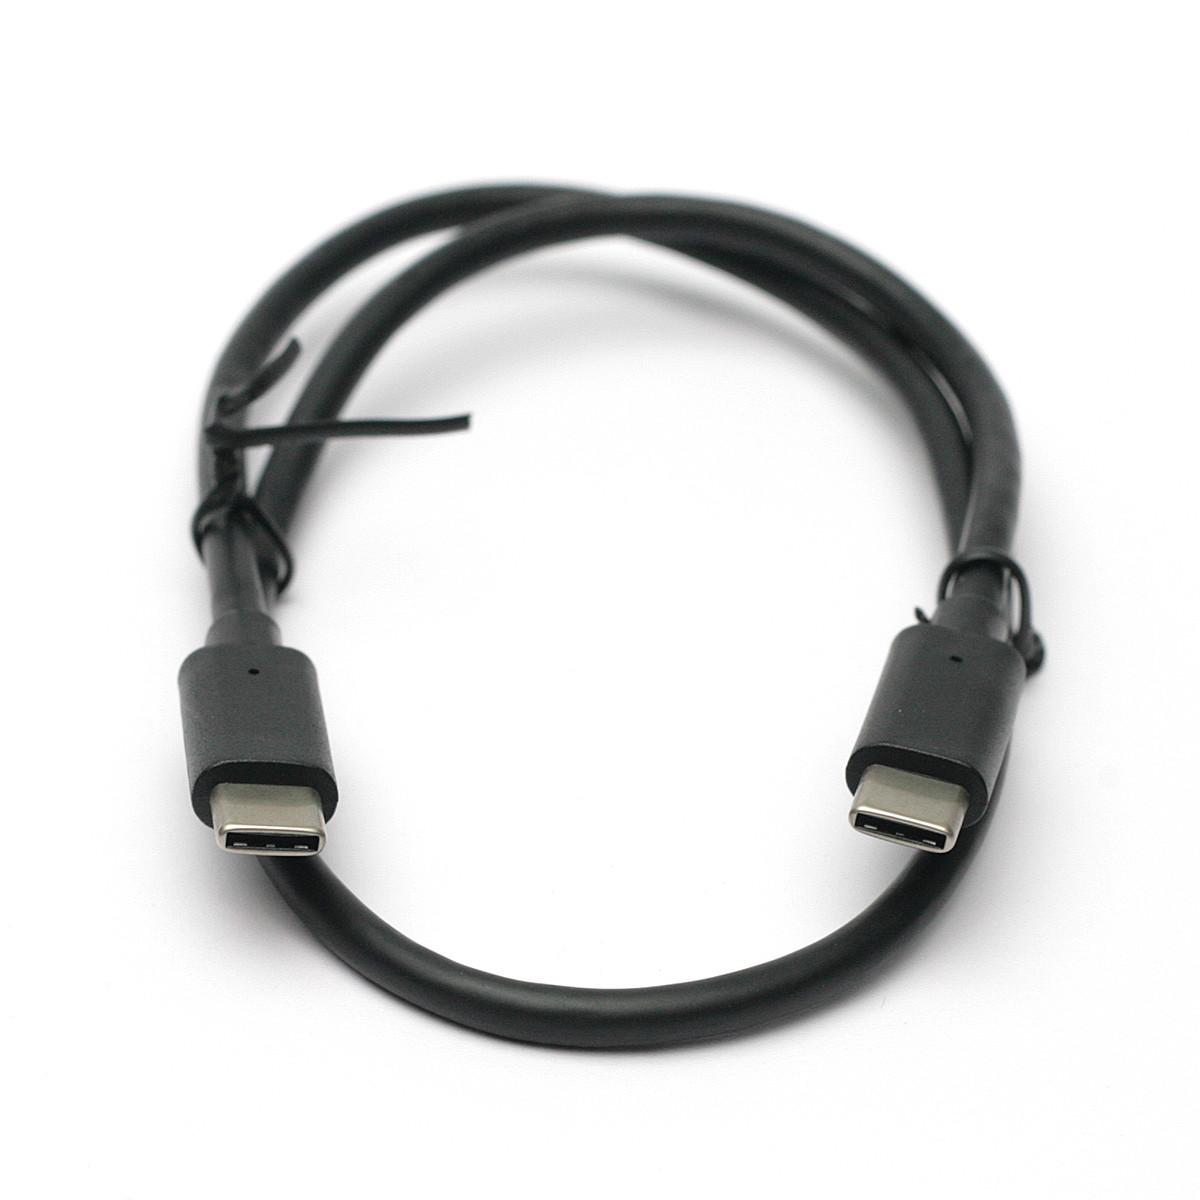 Kабель PowerPlant USB 3.0 Type C – Type C 0.5м